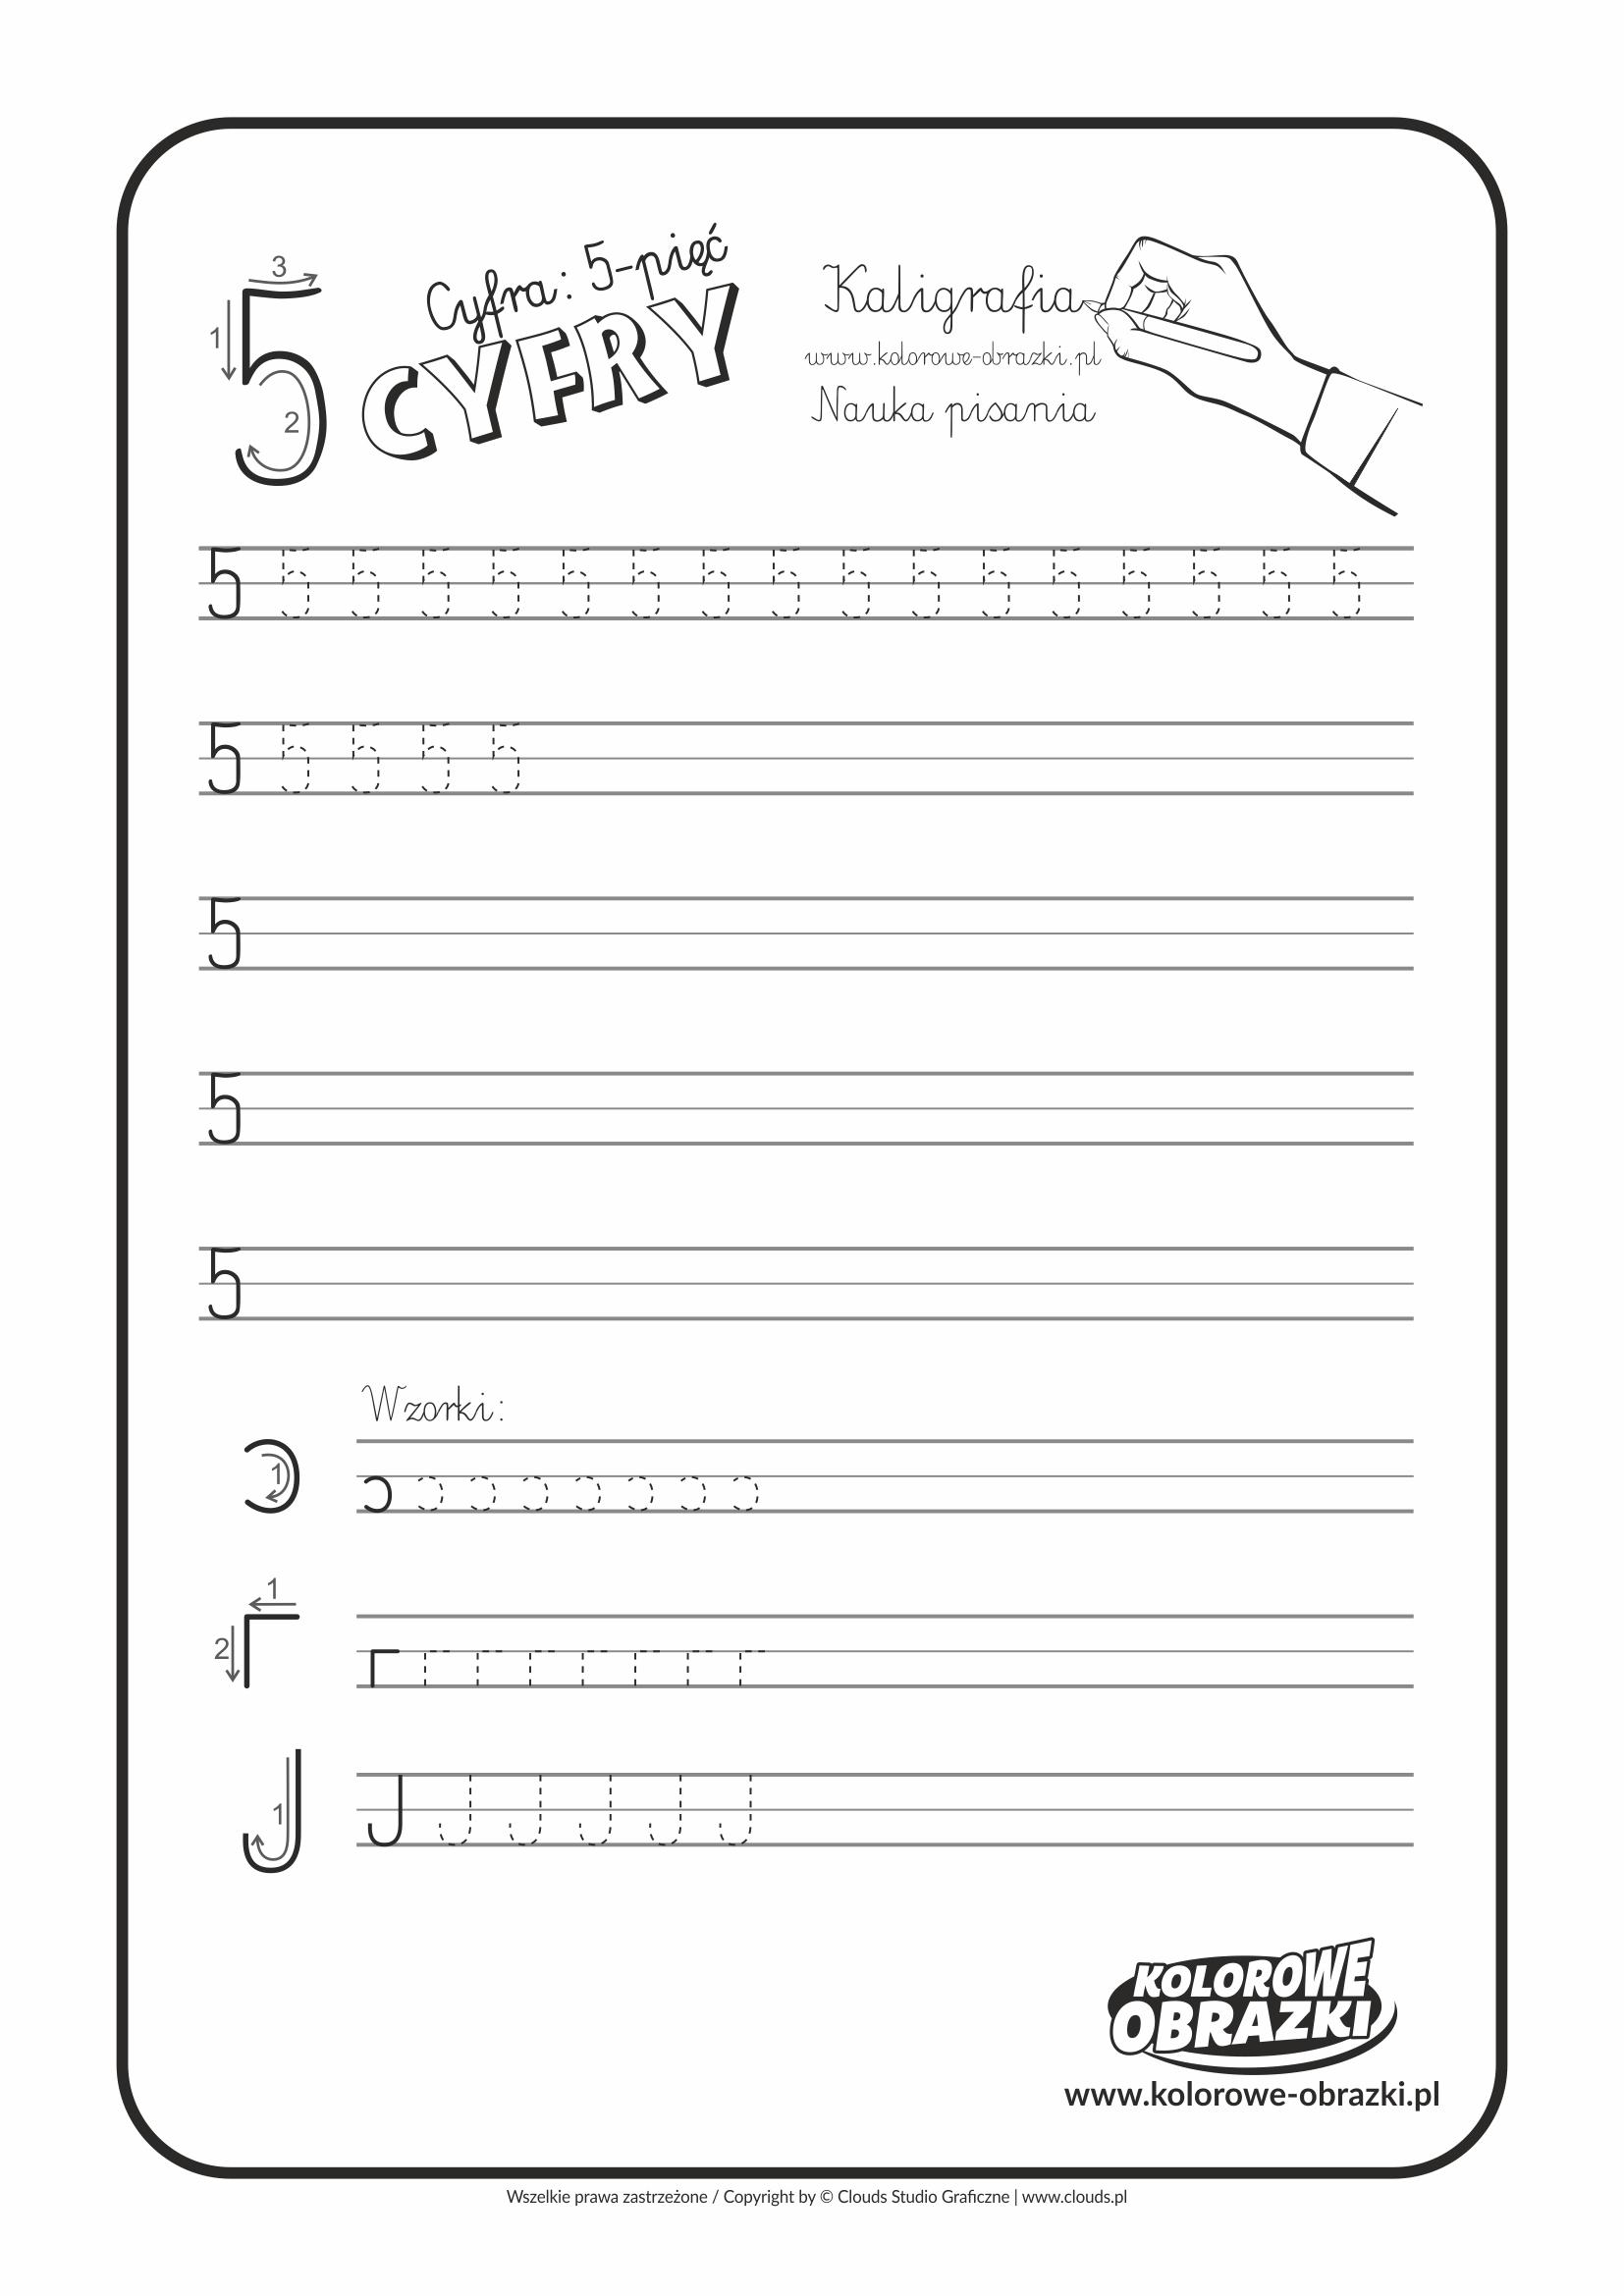 Kaligrafia dla dzieci - Ćwiczenia kaligraficzne / Cyfra 5. Nauka pisania cyfry 5